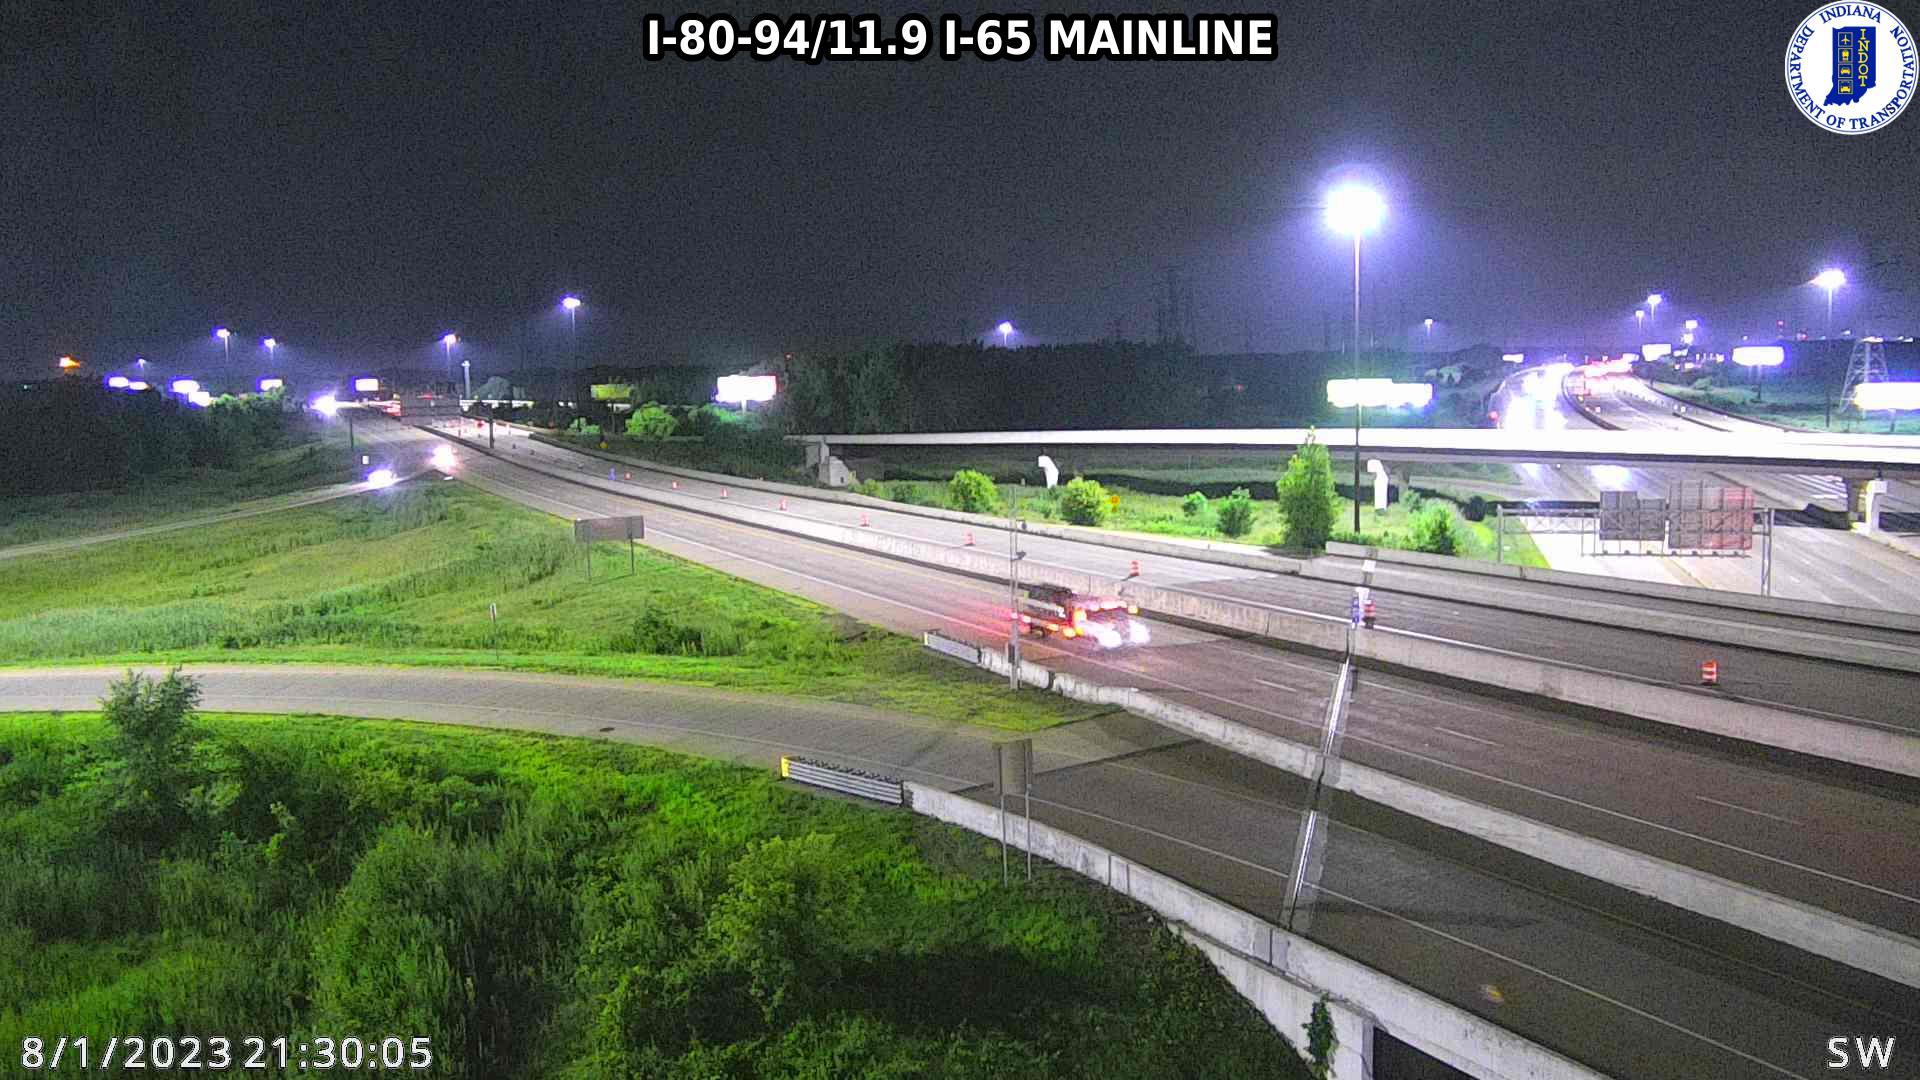 camera snapshot for WB I-80 at Colorado St